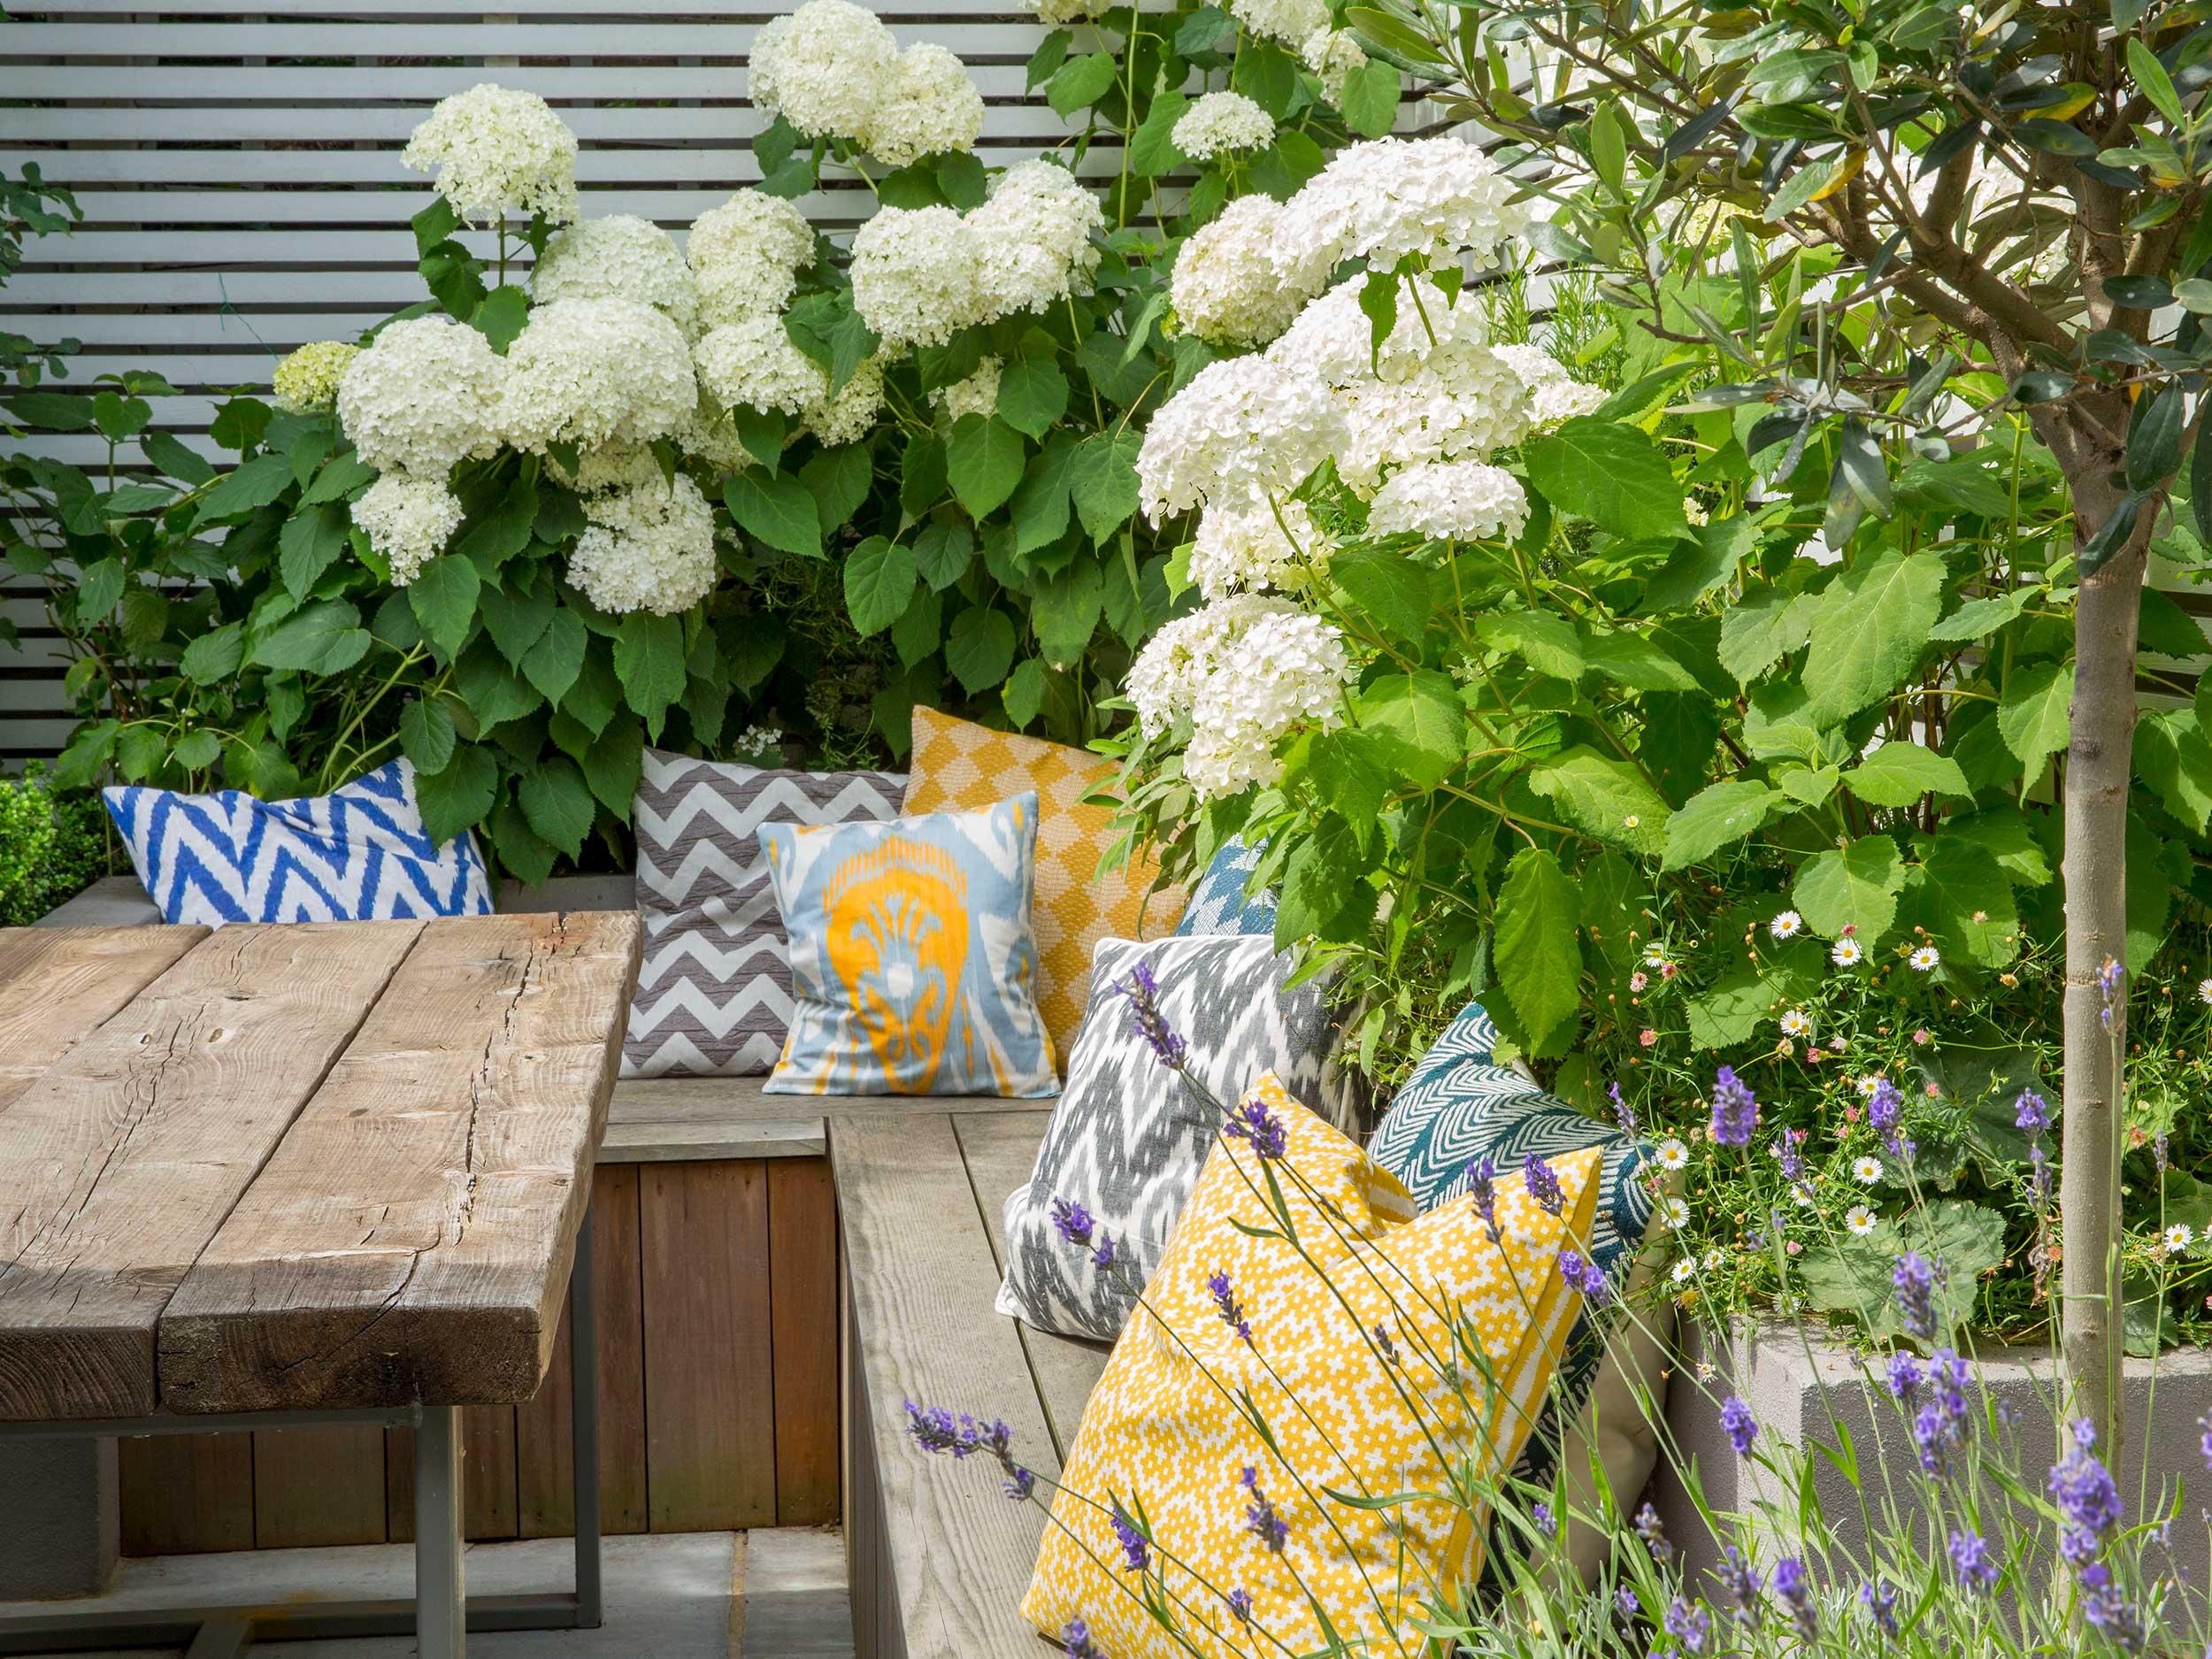 Best Garden Design - image 2_col-2500x1875-fulham_B on https://alldesingideas.com